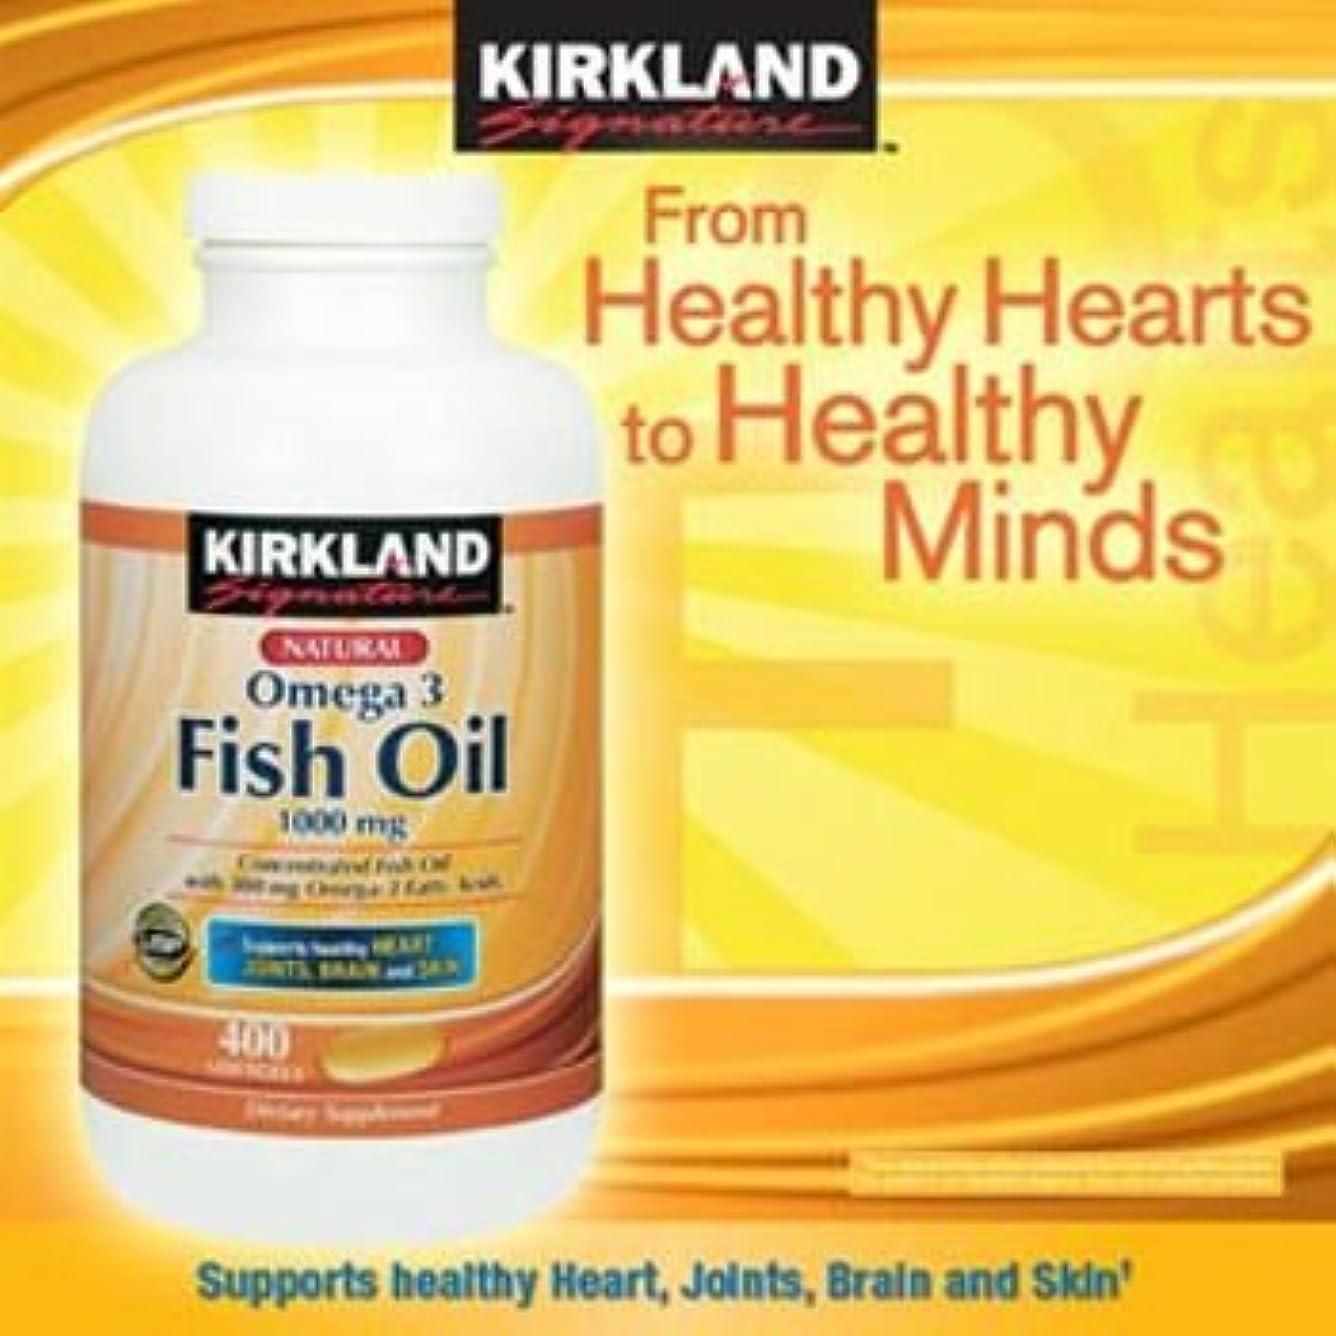 ホスト甘美なピストンKIRKLAND社 フィッシュオイル (DHA+EPA) オメガ3 1000mg 400ソフトカプセル 3本 [並行輸入品] [海外直送品] 3 Bottles of KIRKLAND's Fish Oil (DHA +...